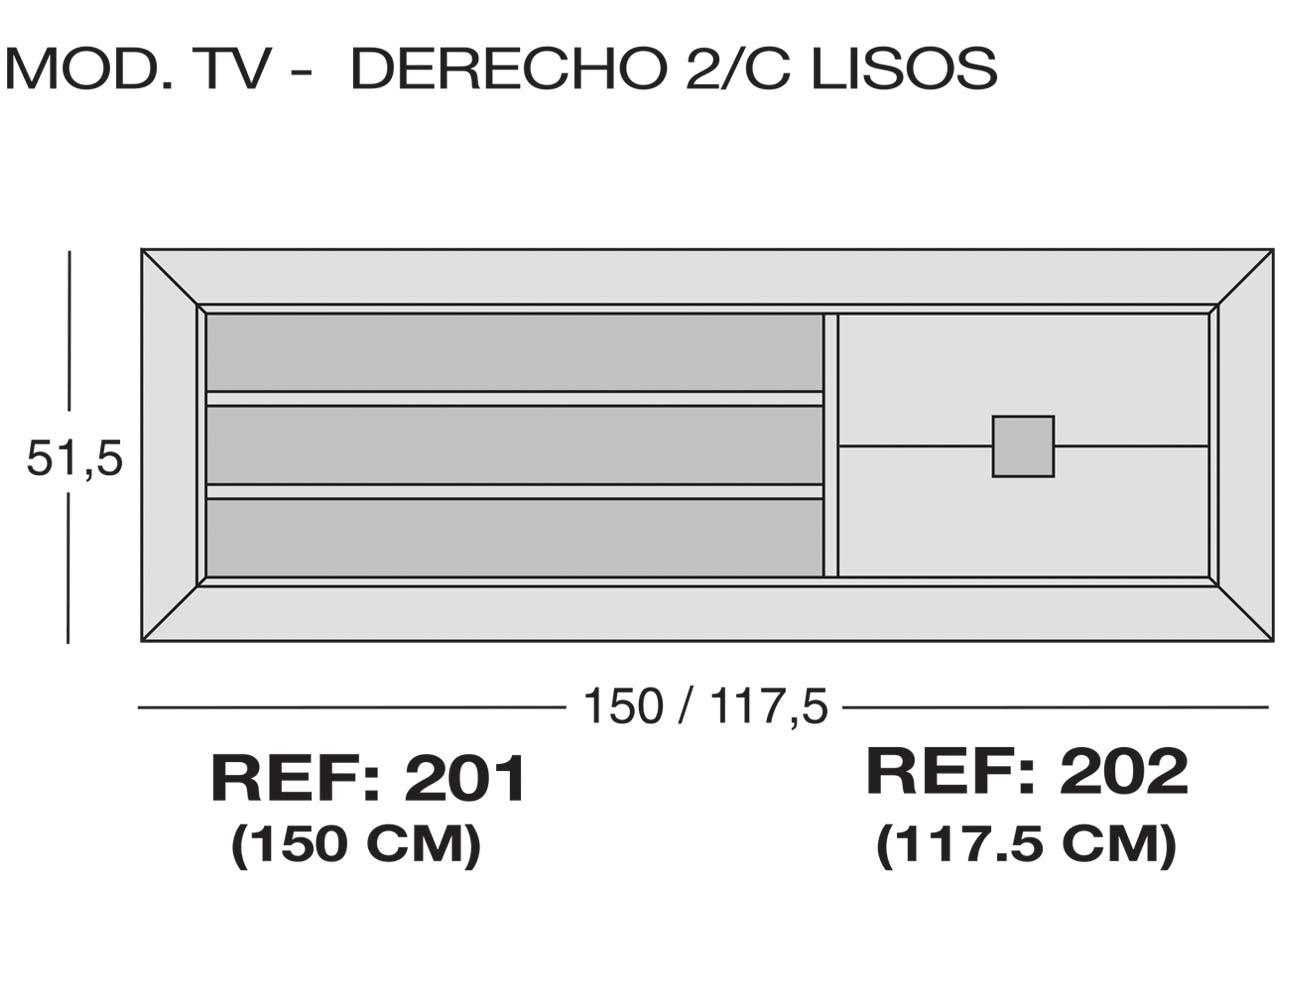 Modulo tv derecho 2c lisos 201 2021